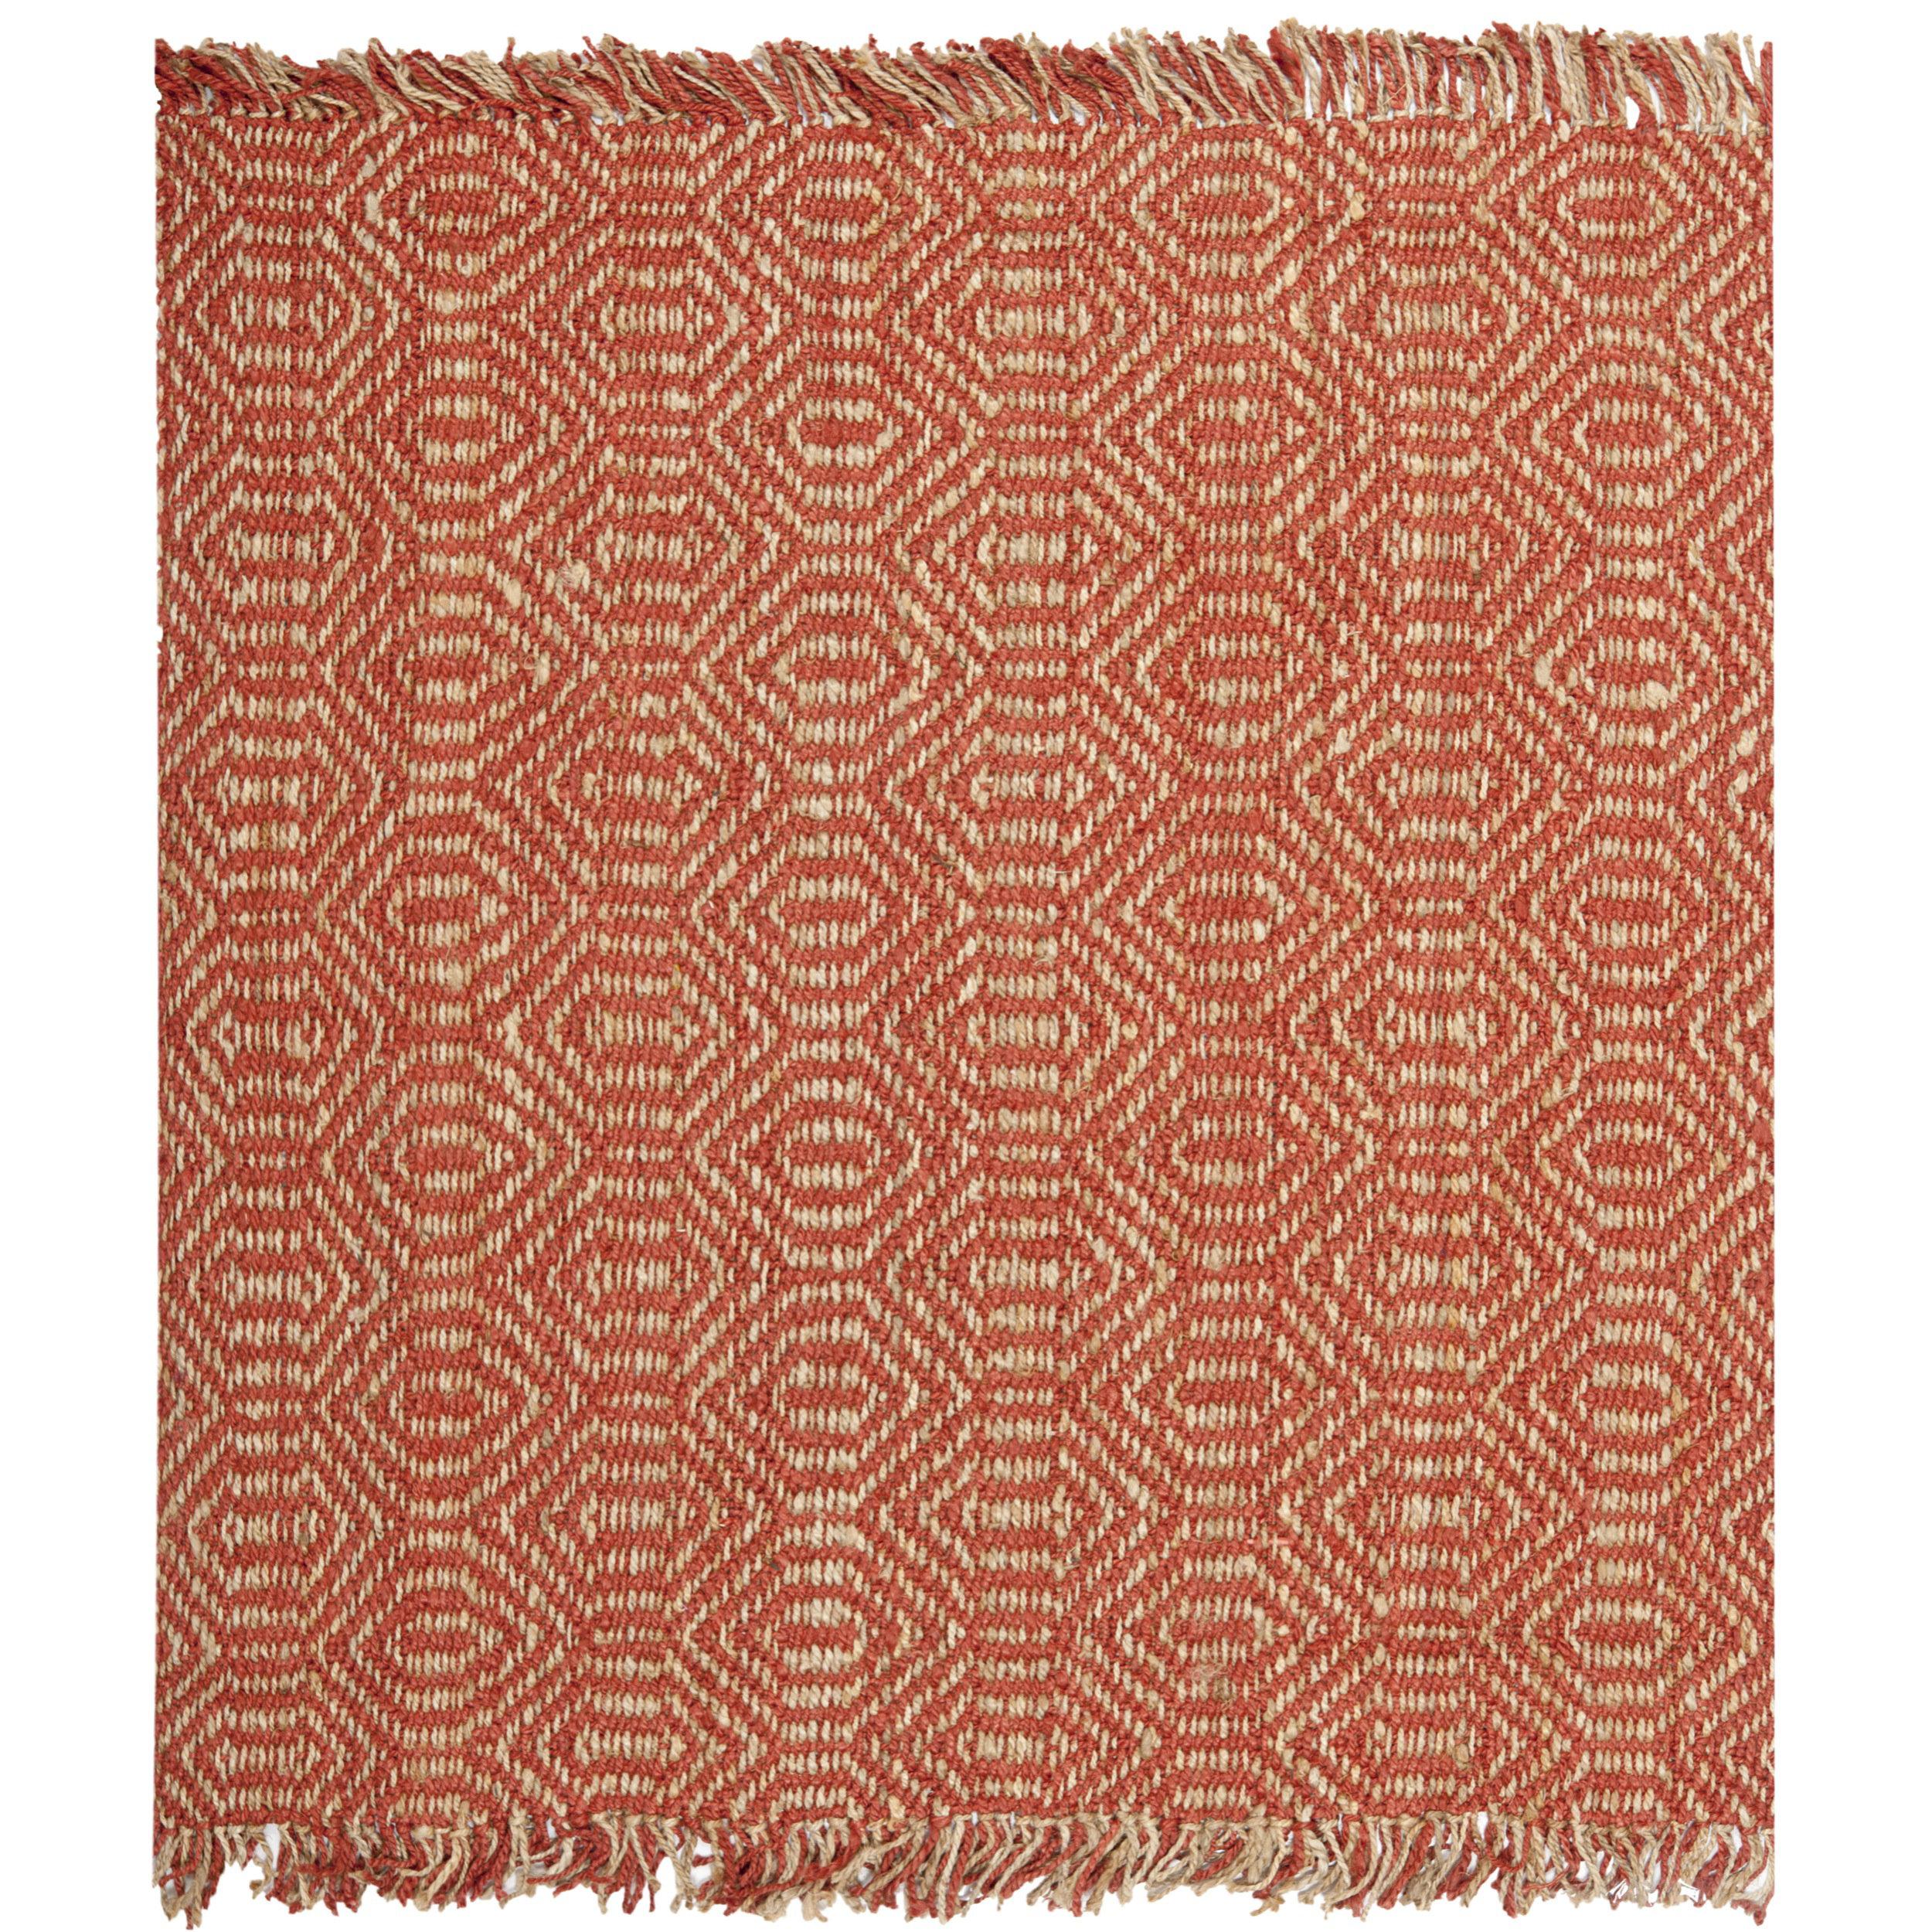 Muriel Southwestern Handmade Flatweave Jute Sisal Rust Area Rug Reviews Allmodern